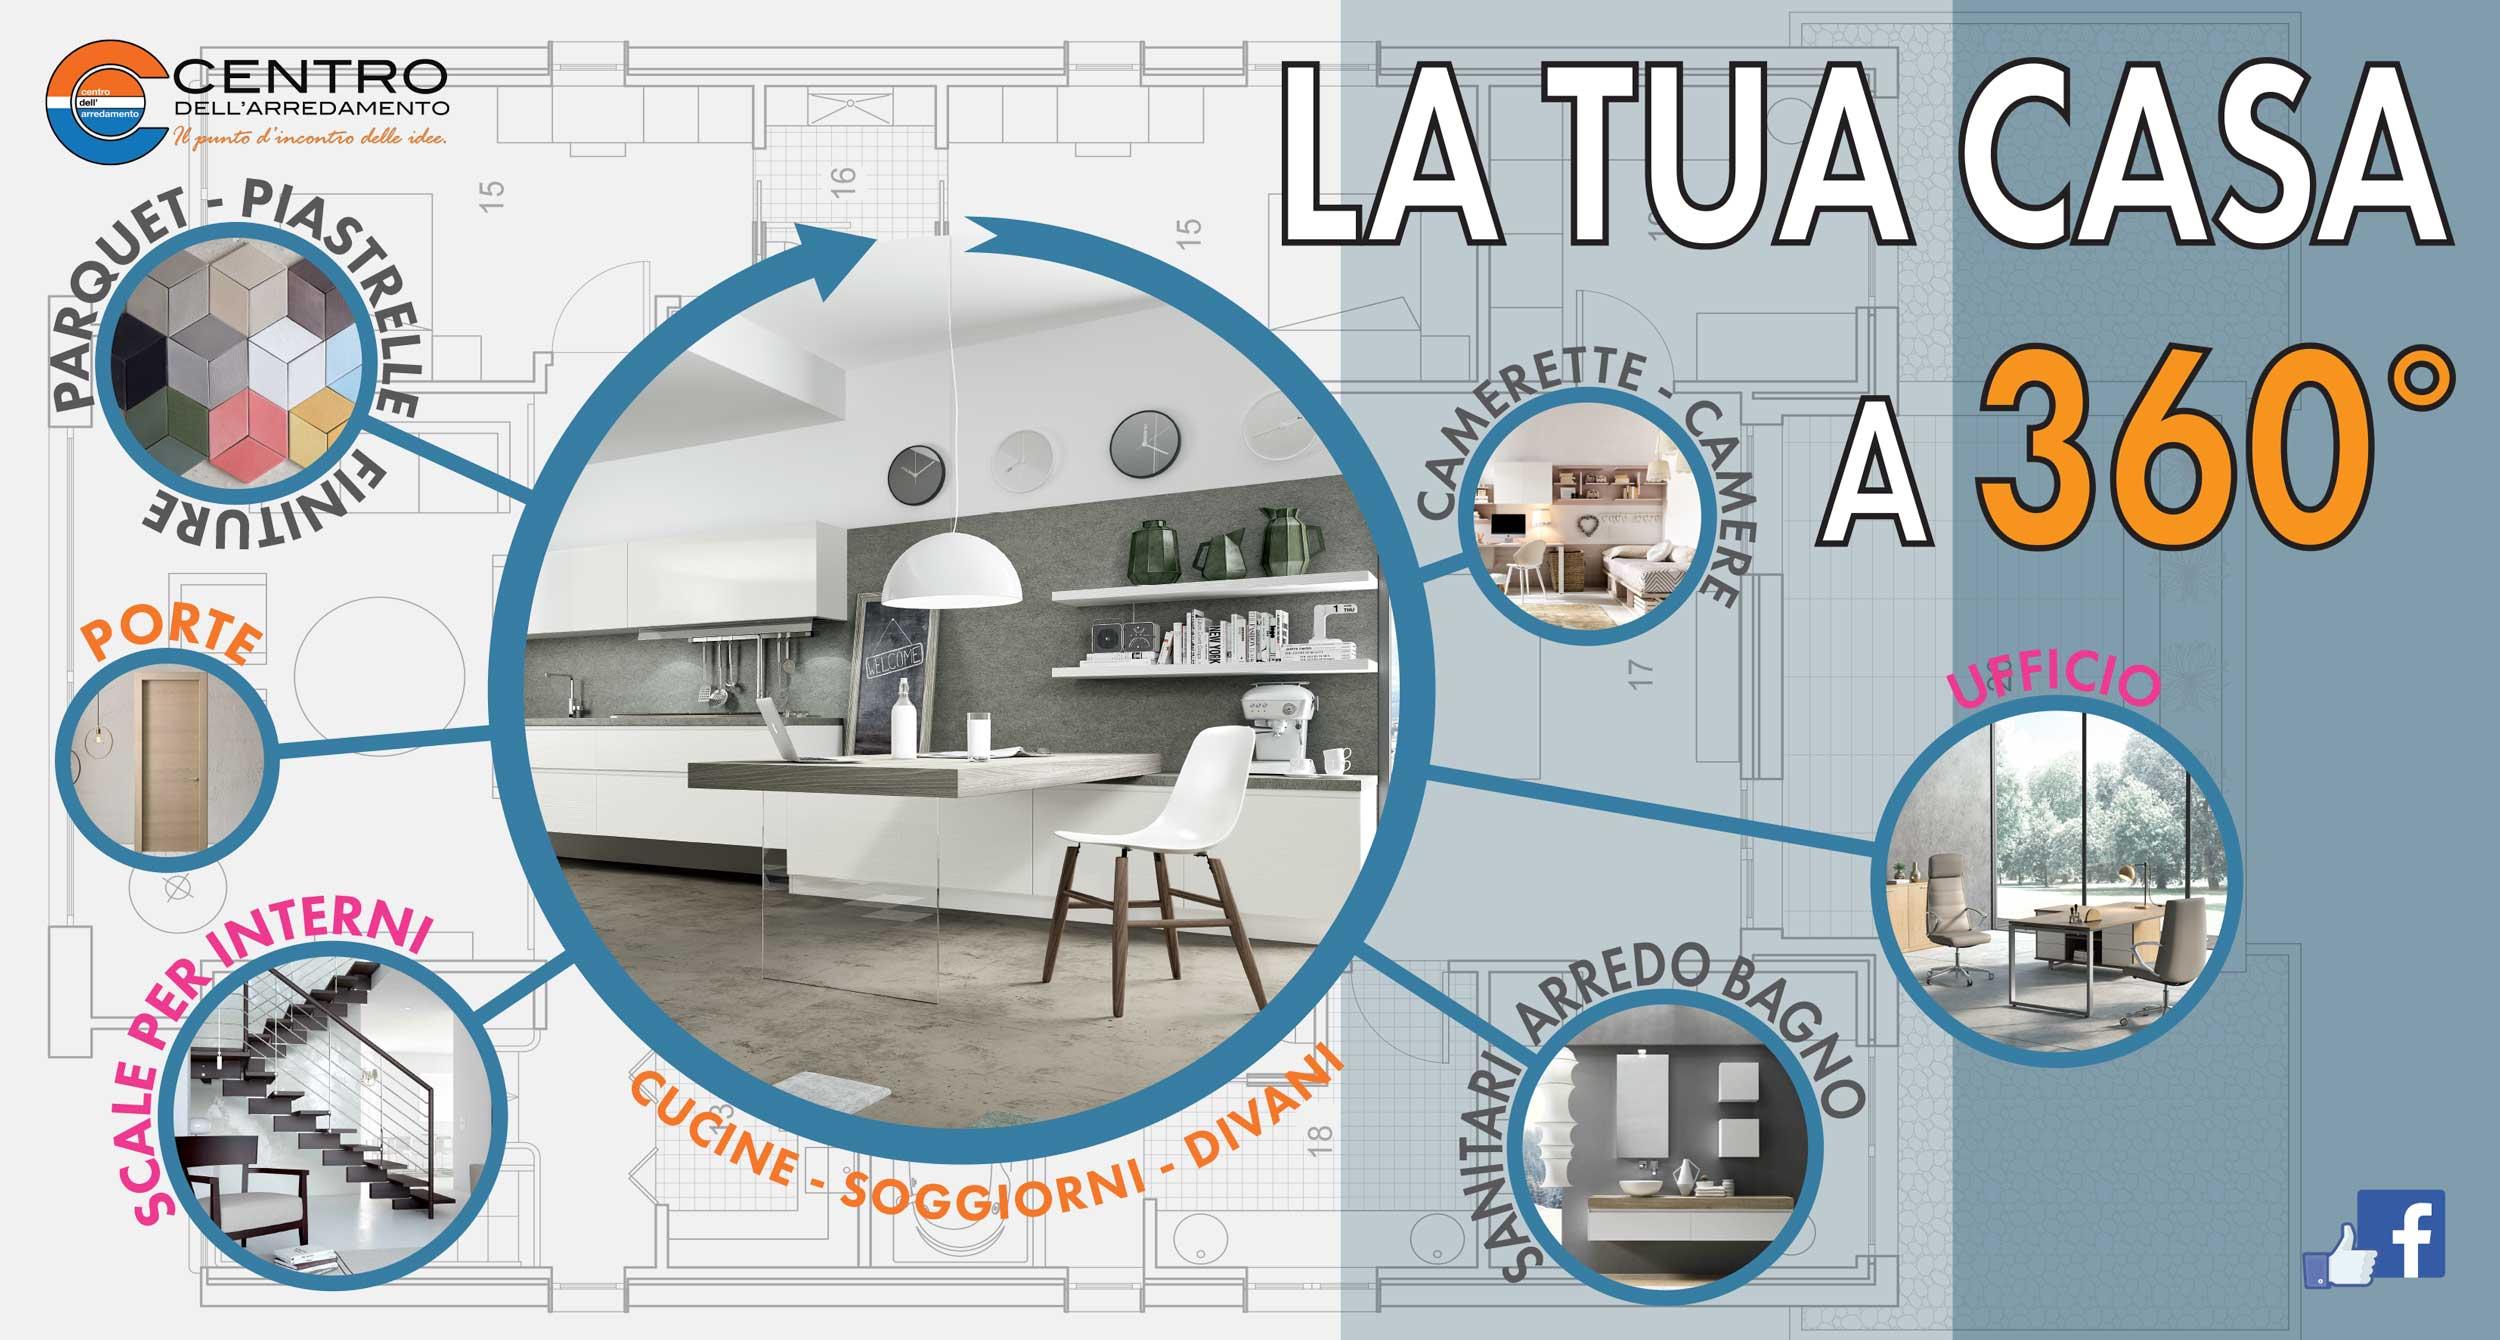 La tua casa a 360 centro dell 39 arredamento di savona for Progetta la tua casa virtuale